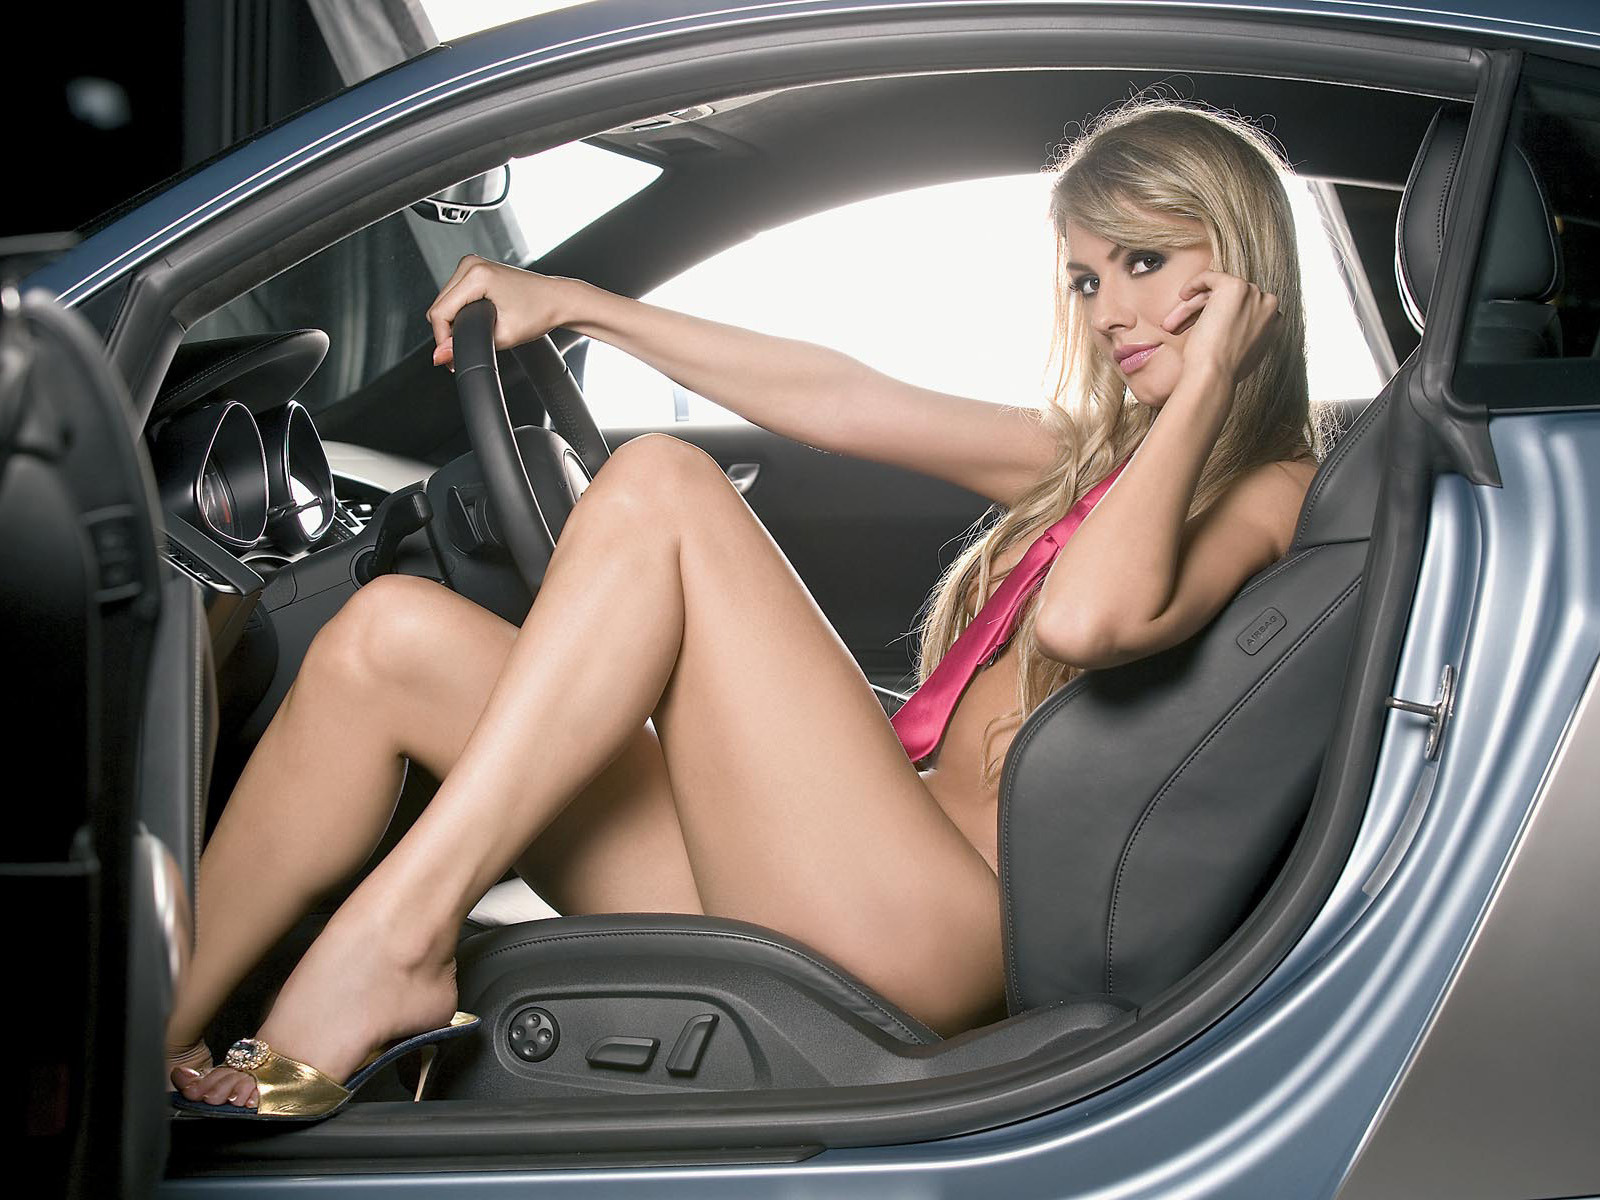 Секс в авто на переднем сиденье смотреть онлайн 21 фотография